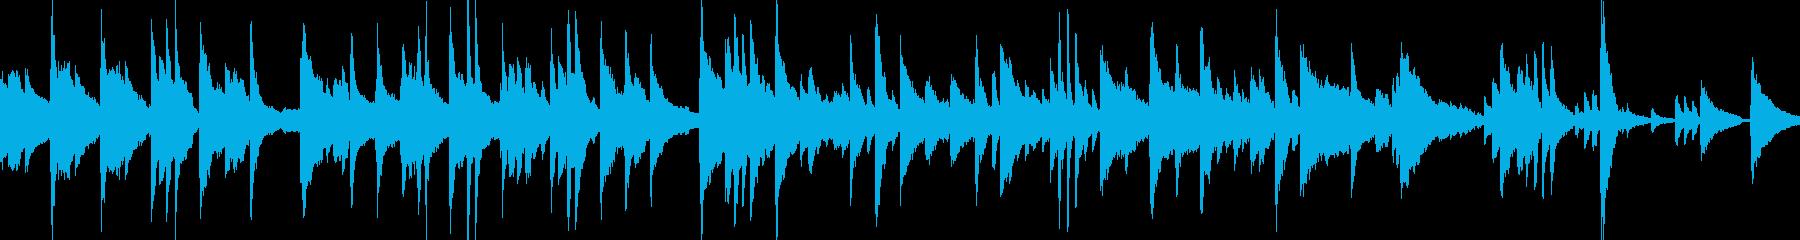 緊張感あるミステリー弦楽ピアノ曲の再生済みの波形